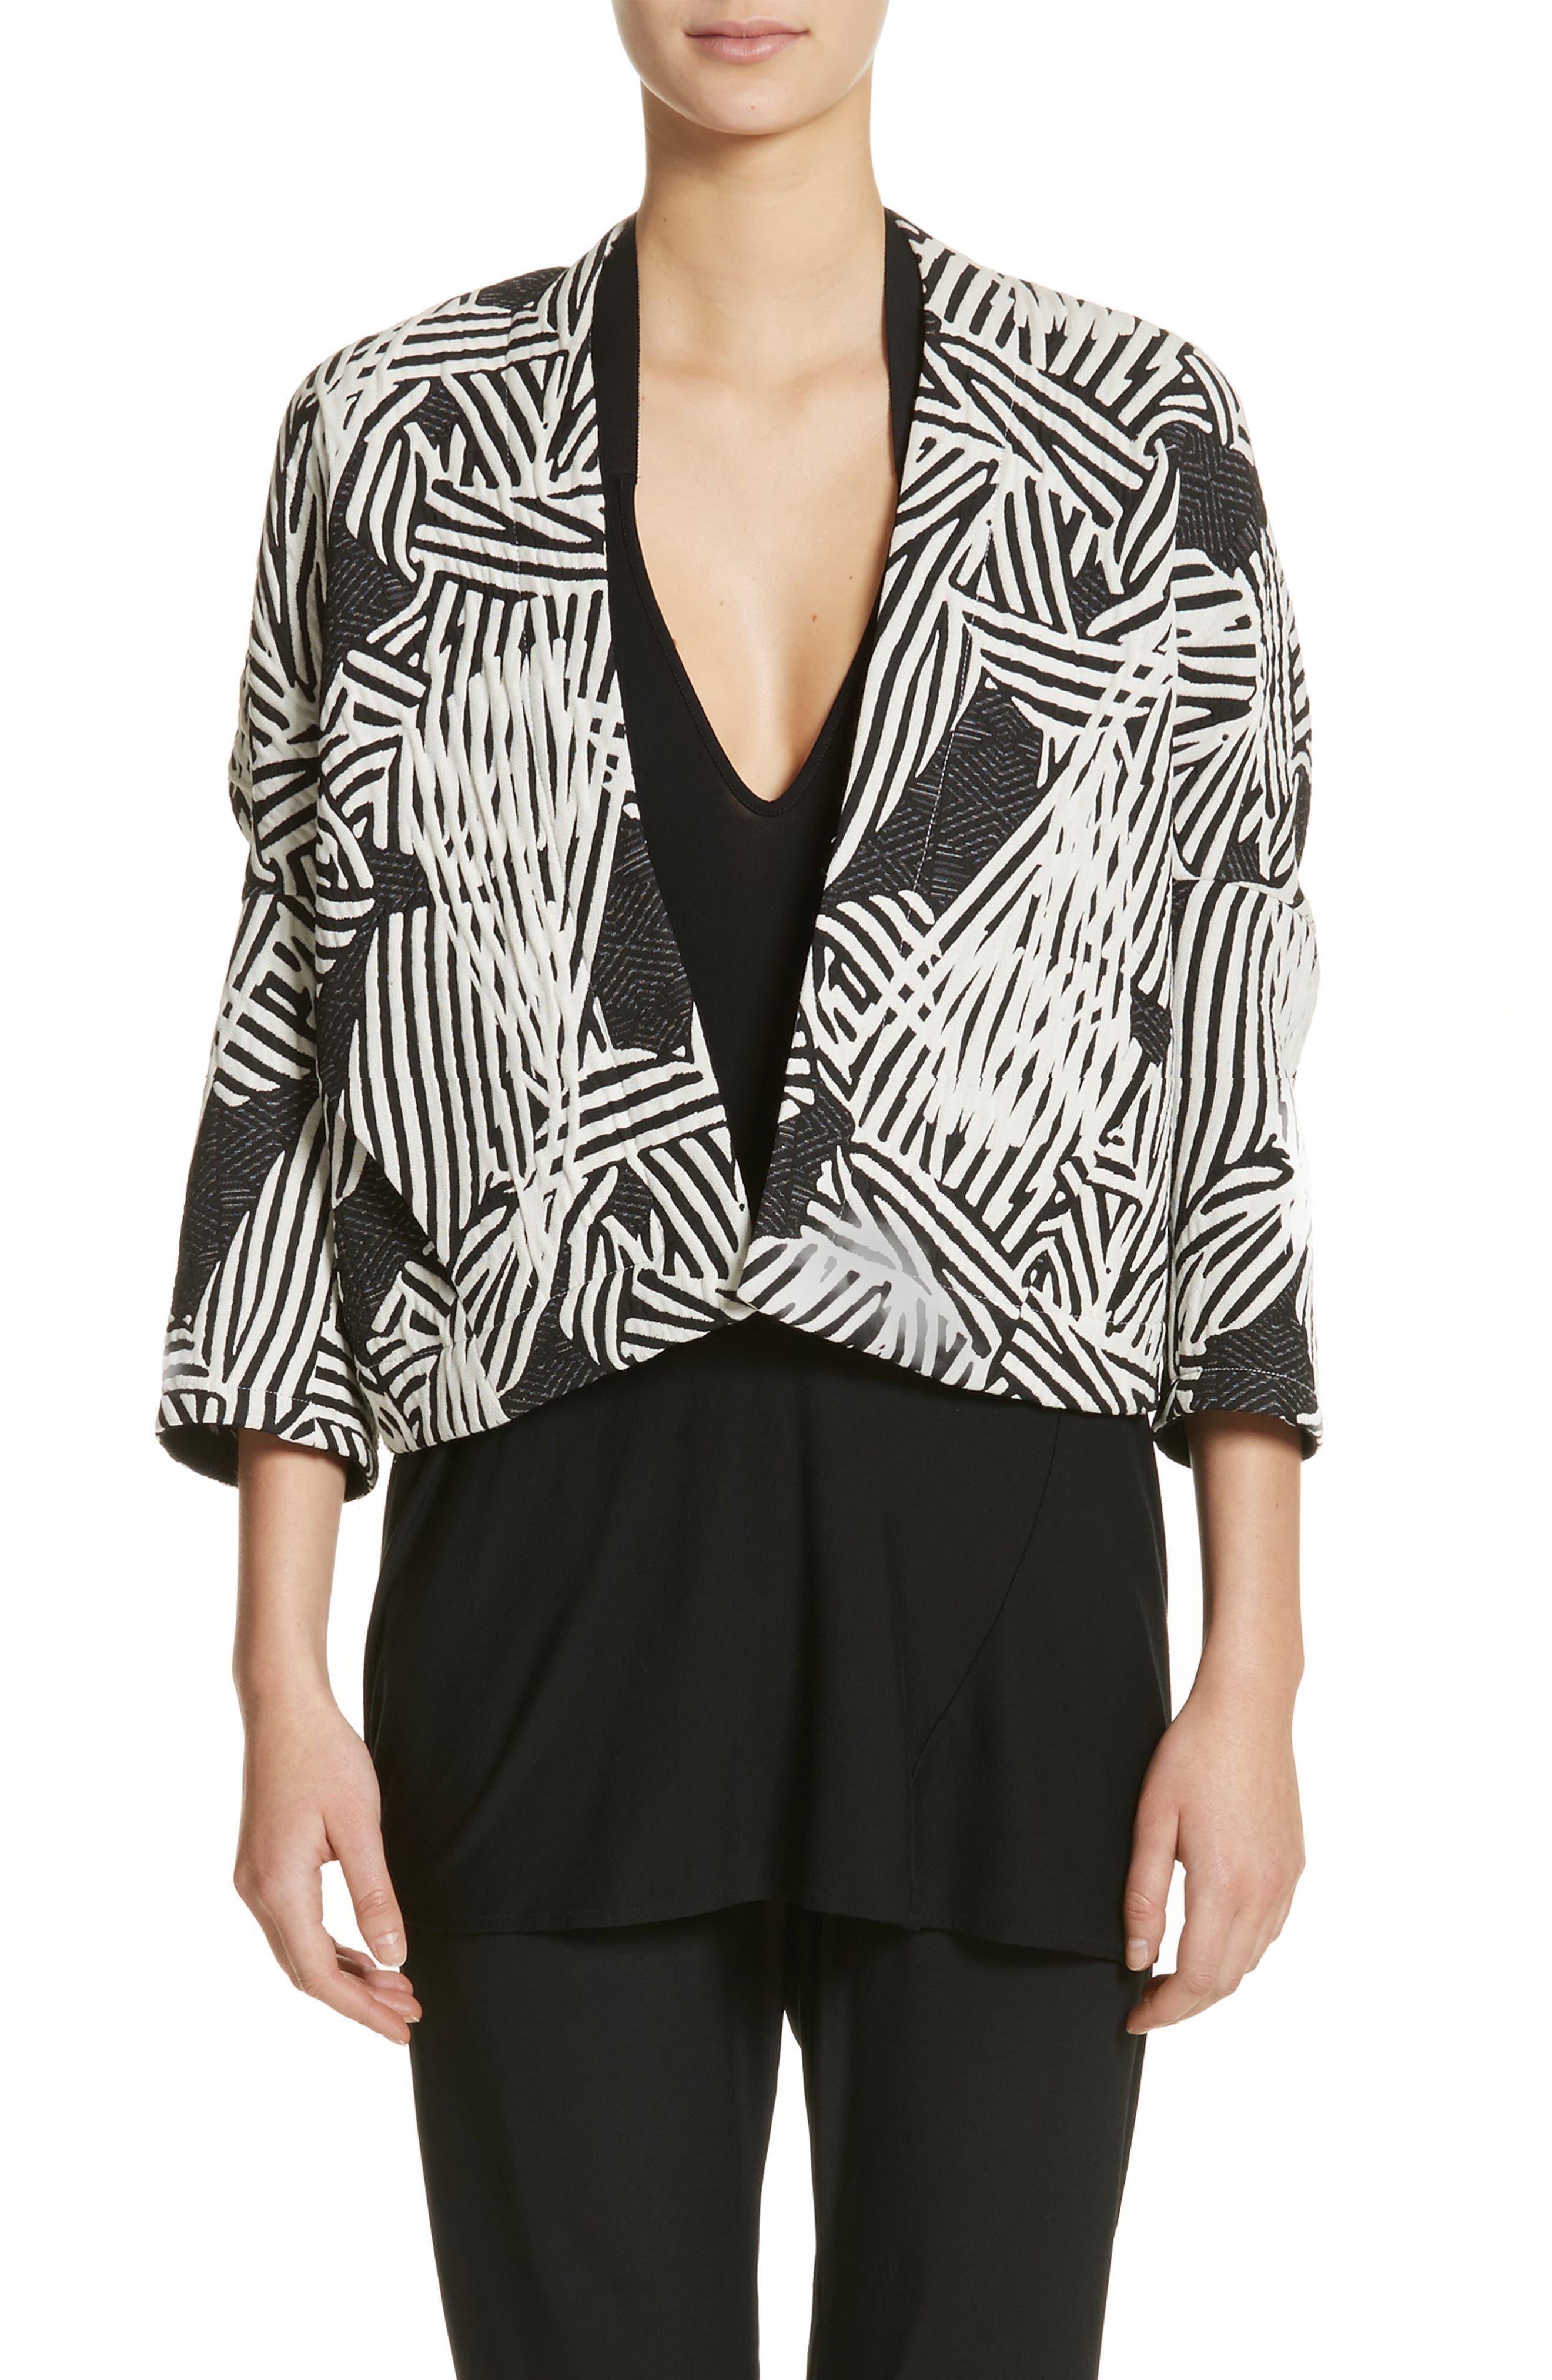 Zero + Maria Cornejo Bow Print Jacquard Jacket